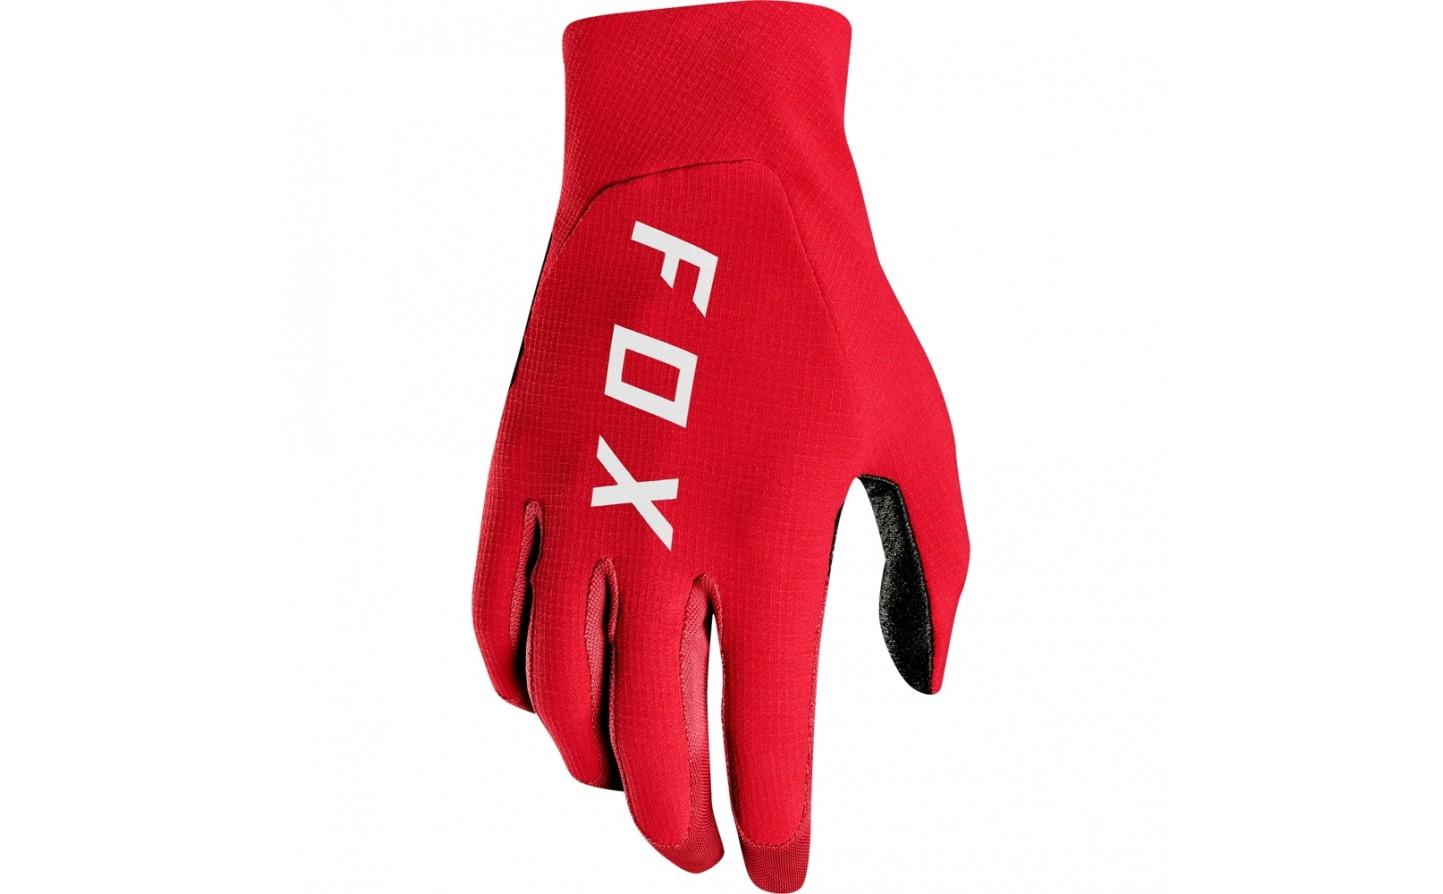 guante fox flexair rojo talle XL